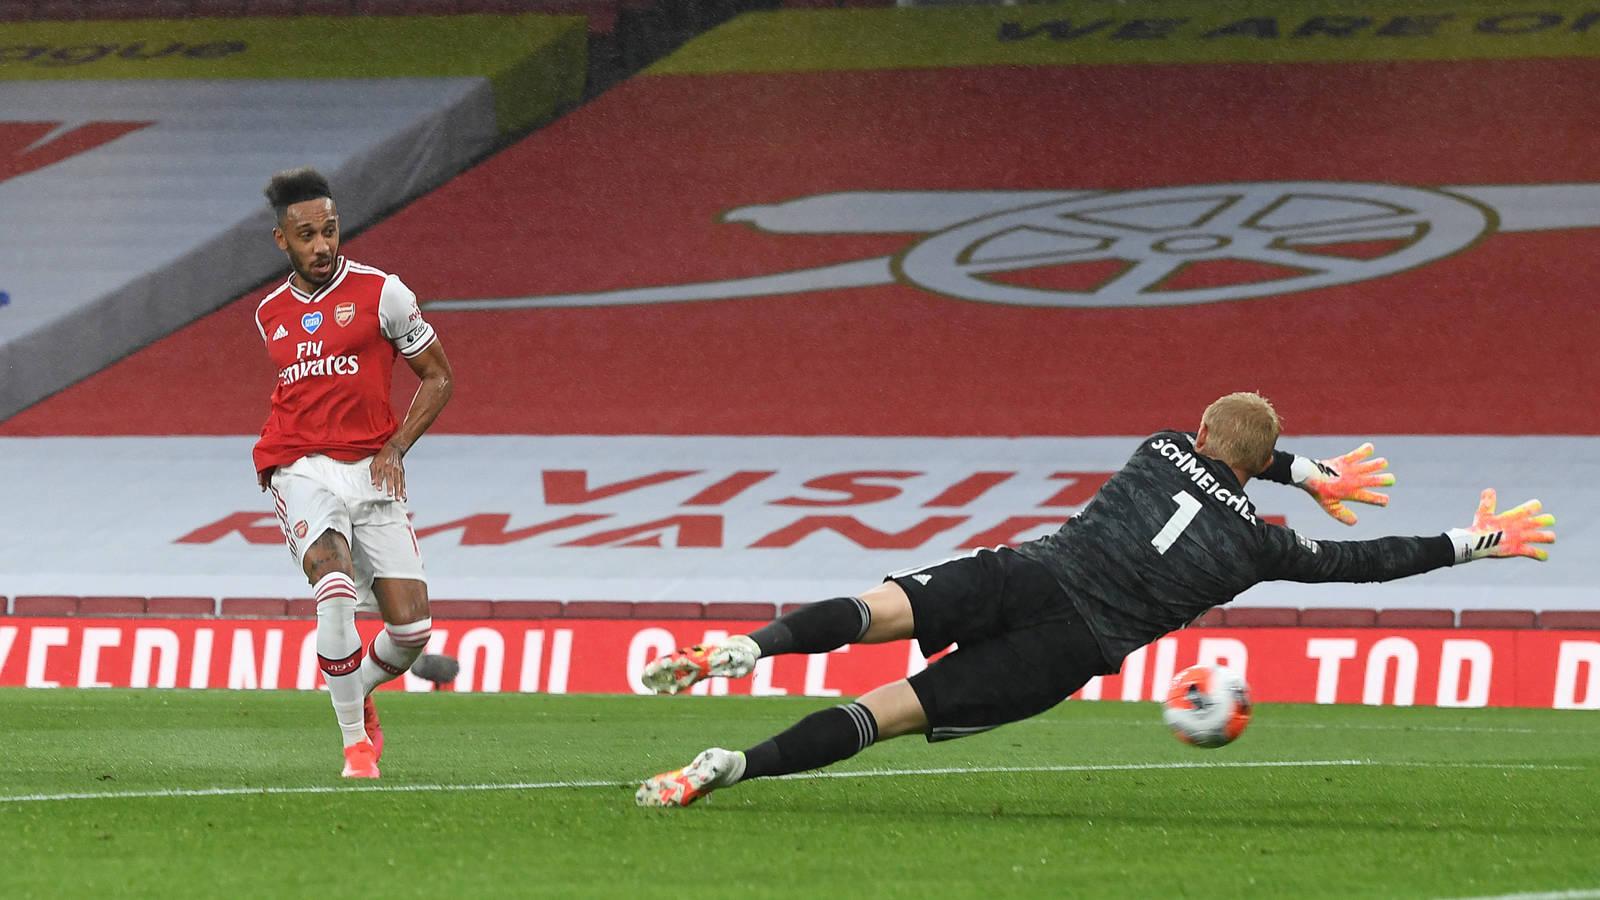 奥巴梅扬近5赛季五大联赛进球均上20,梅罗莱万之后第4人